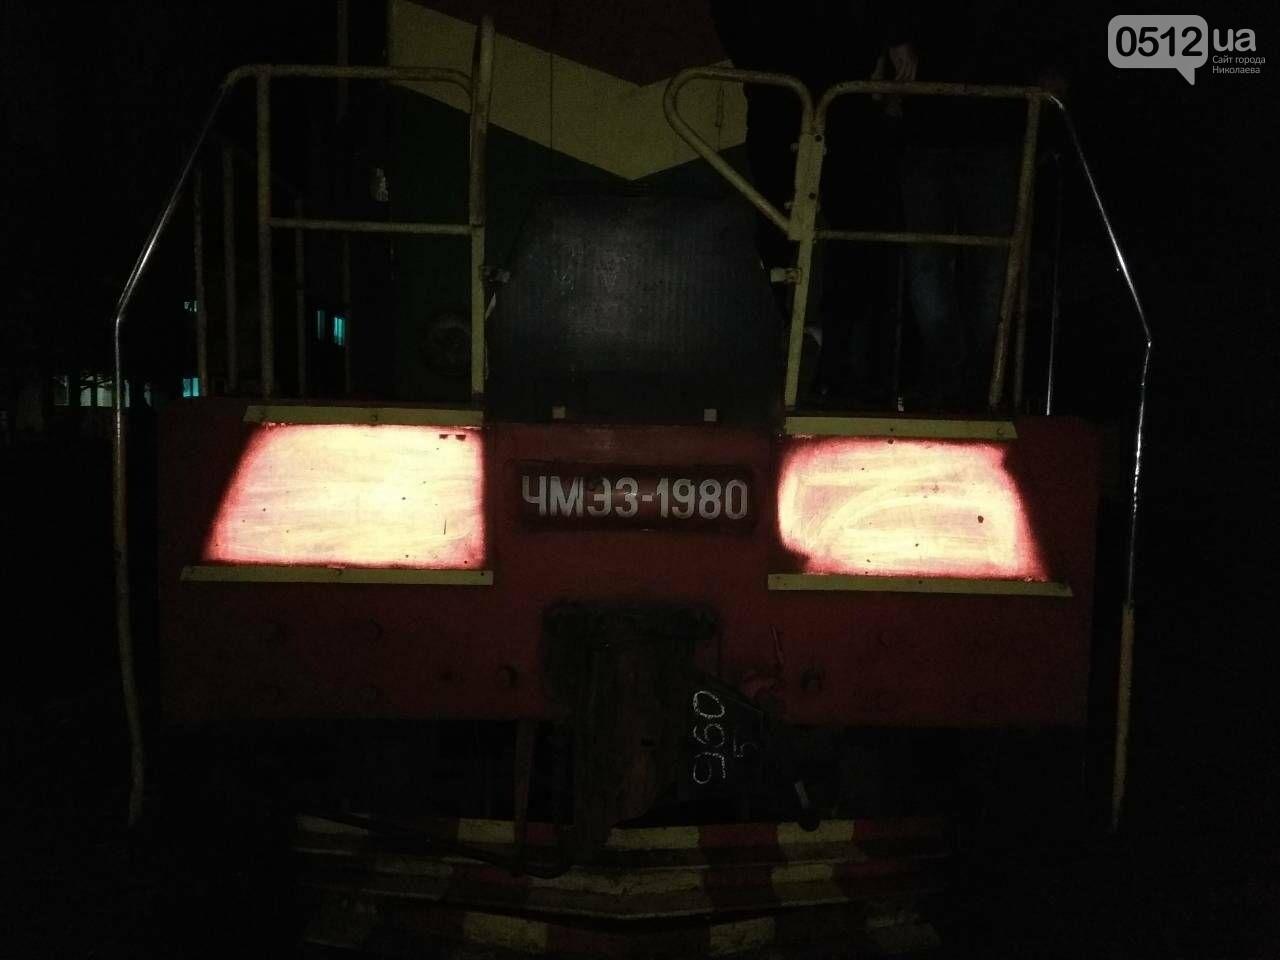 """В Николаеве сотрудник депо """"вынес"""" с предприятия почти 100 литров топлива, - ФОТО, фото-1"""